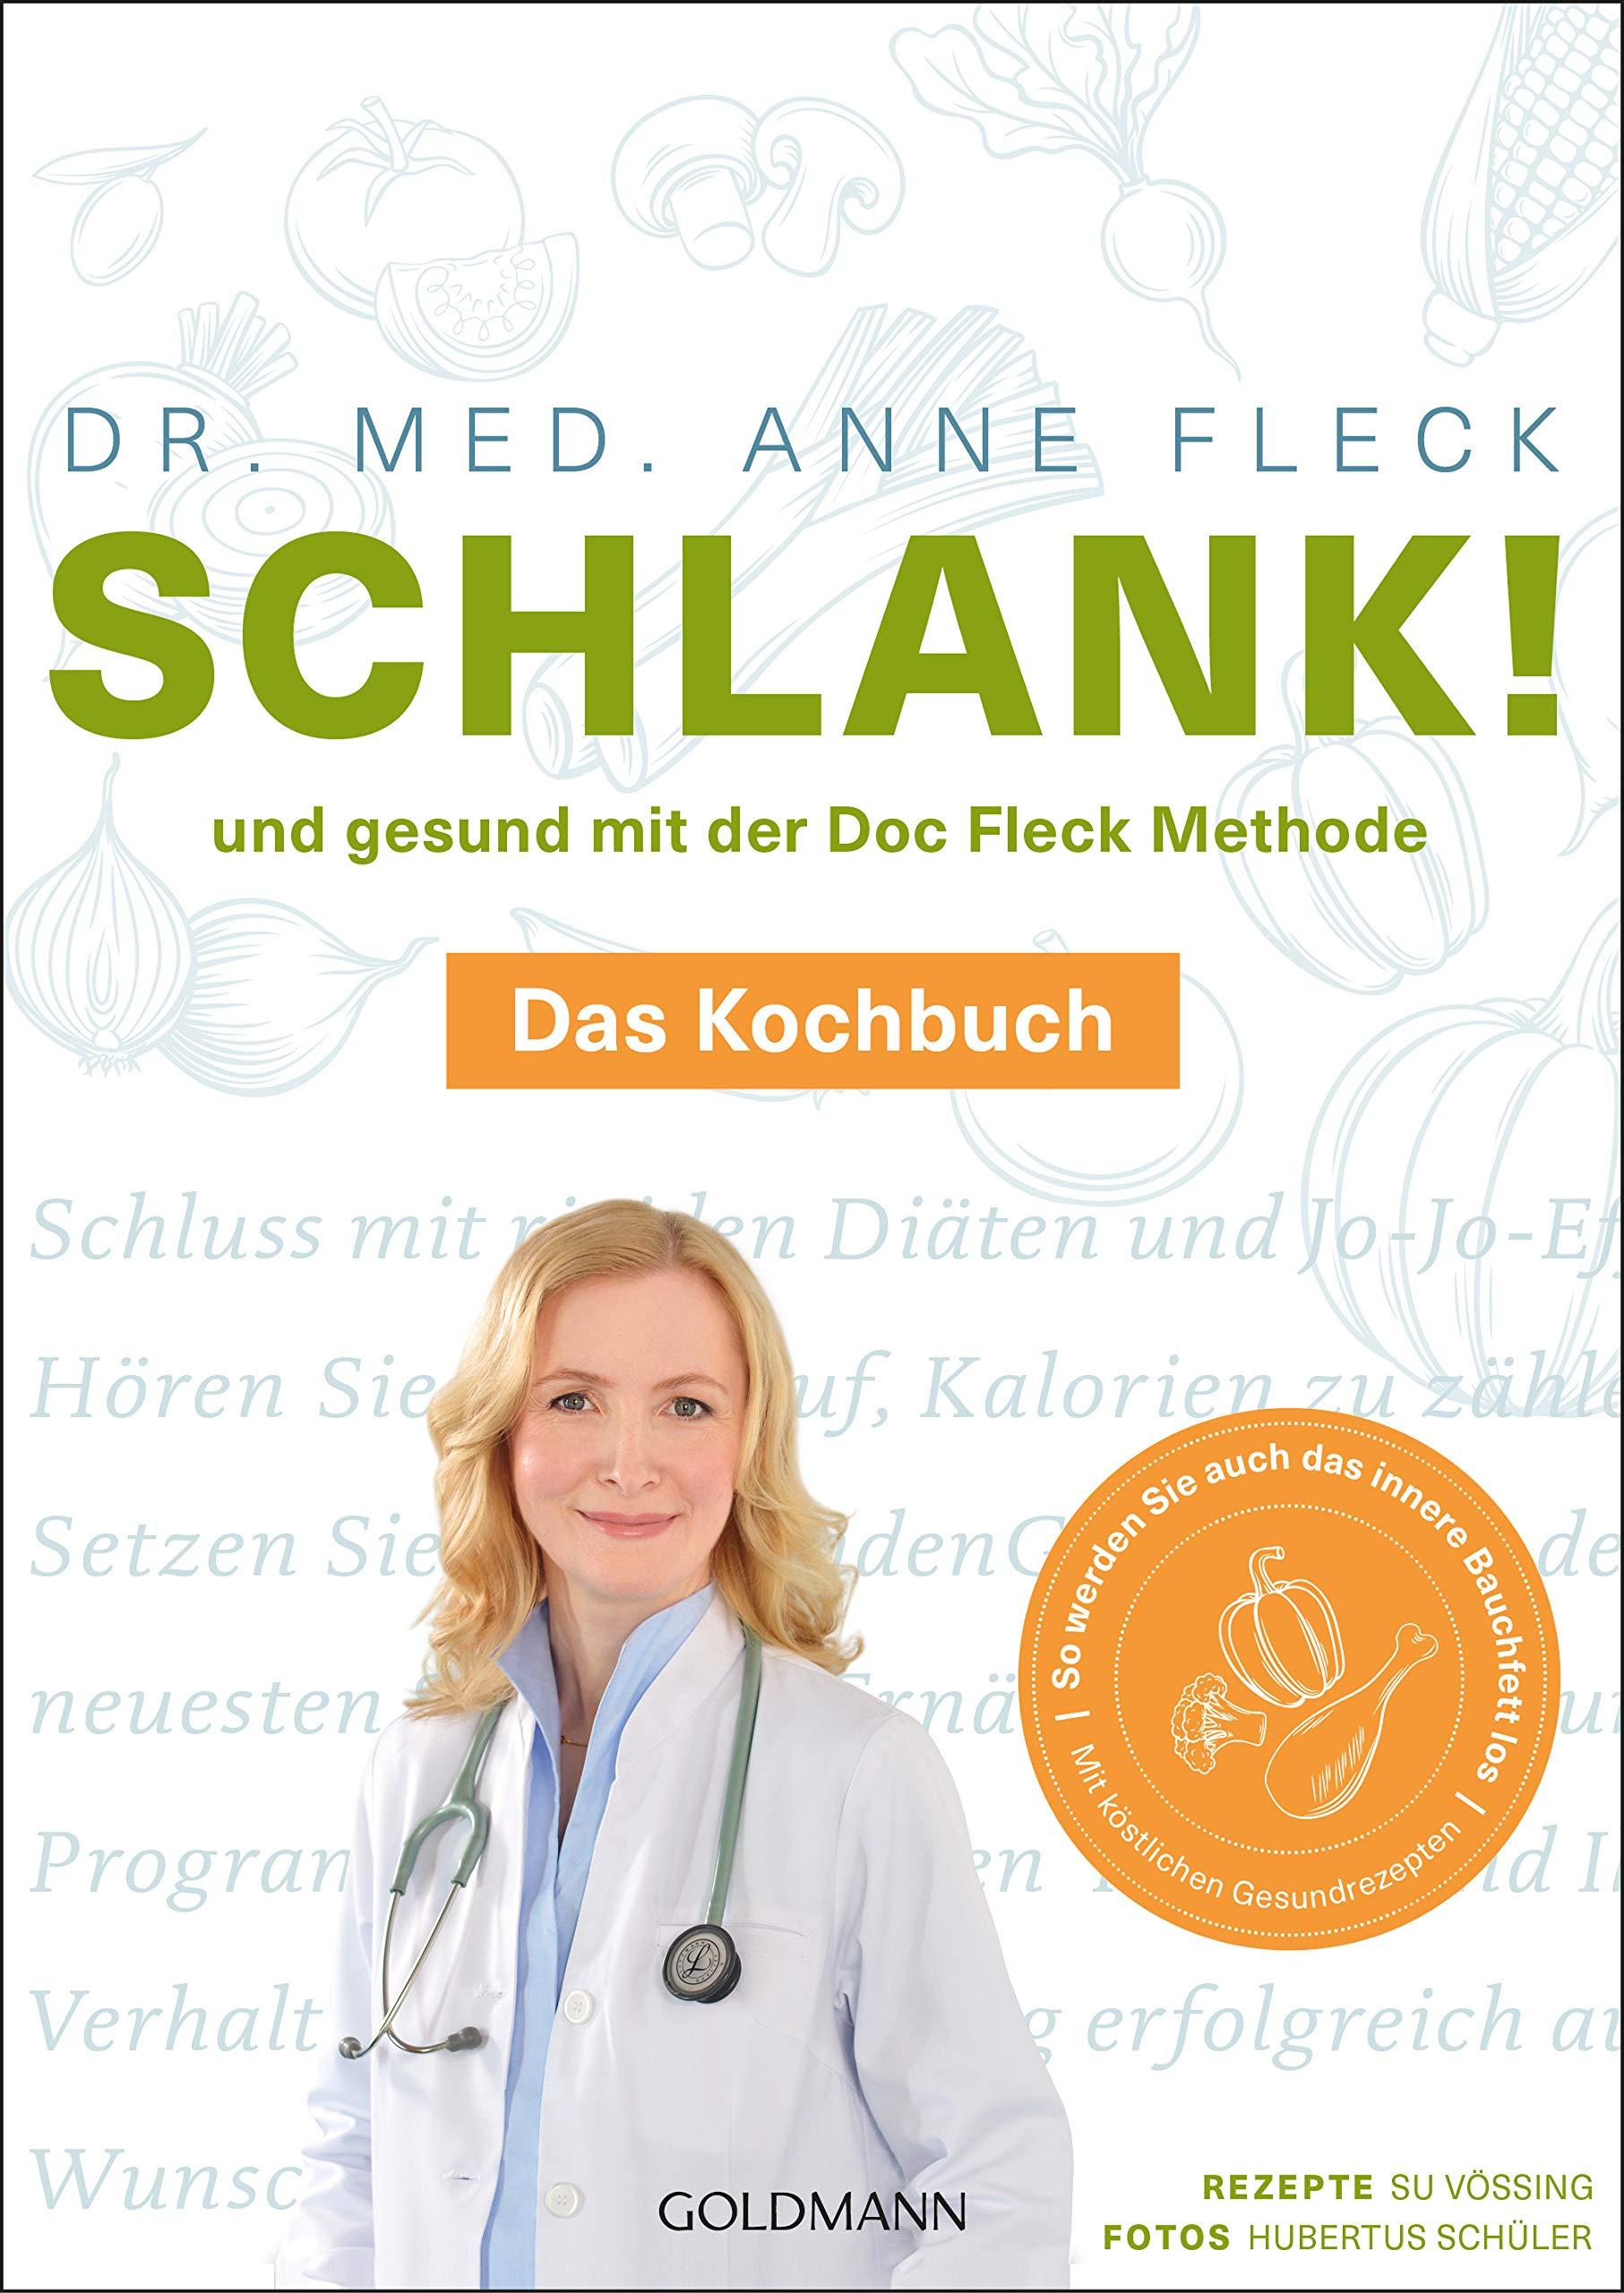 Schlank! und gesund mit der Doc Fleck Methode: Band 2 von 2: Das Kochbuch – So werden Sie auch das innere Bauchfett los